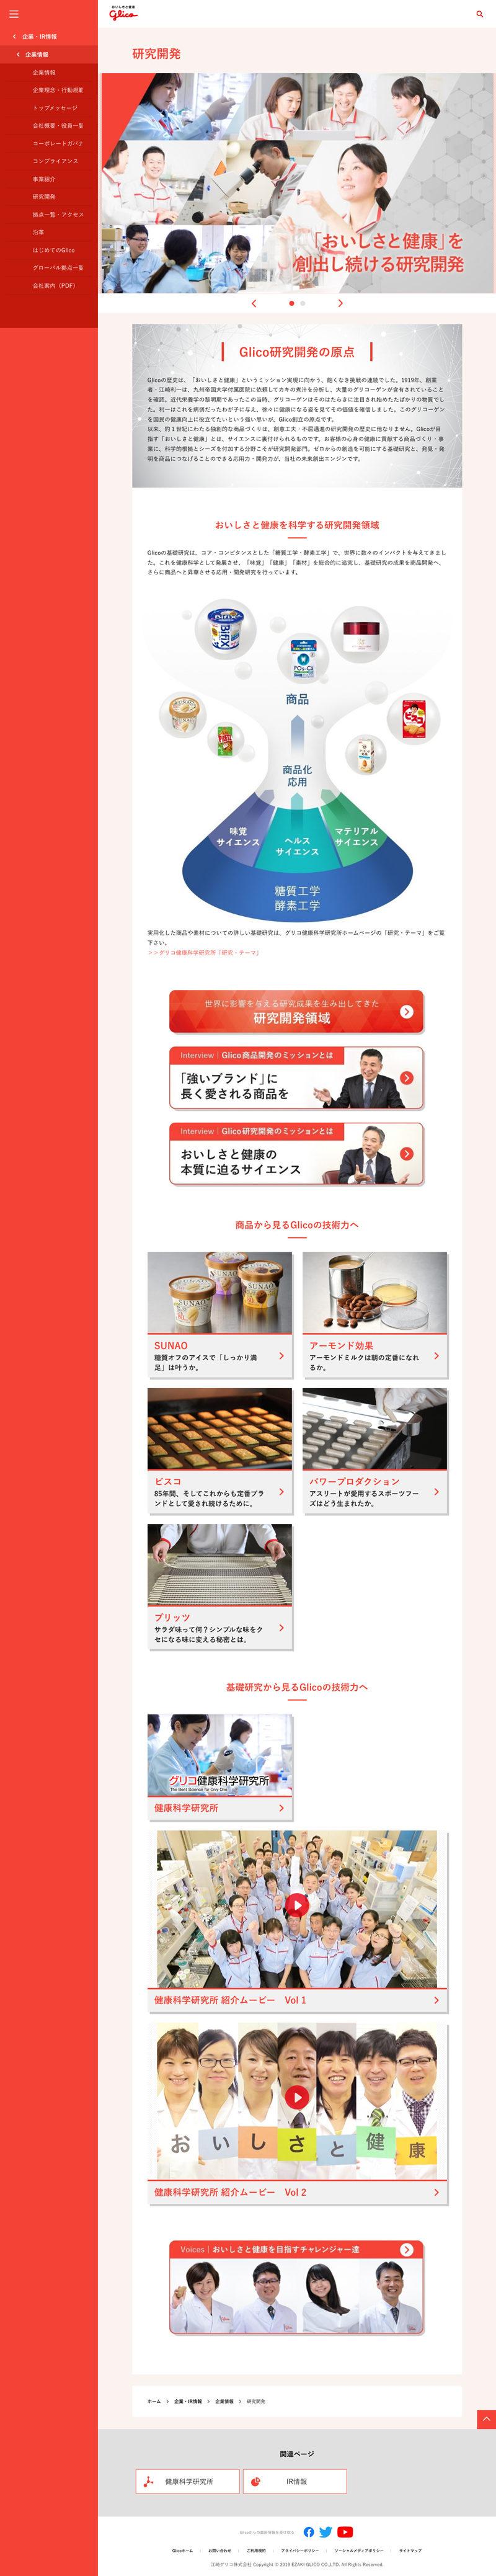 江崎グリコ株式会社様コーポレートサイト/研究開発ページ